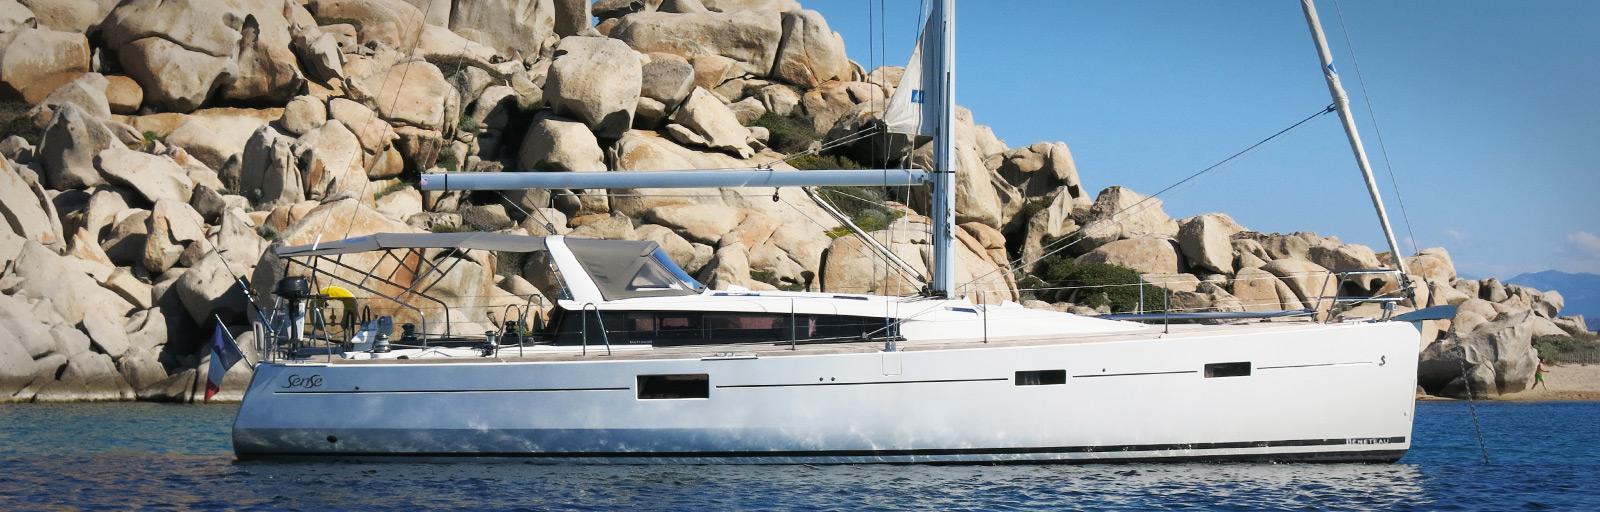 Sense 46 - AYC Yachtbroker